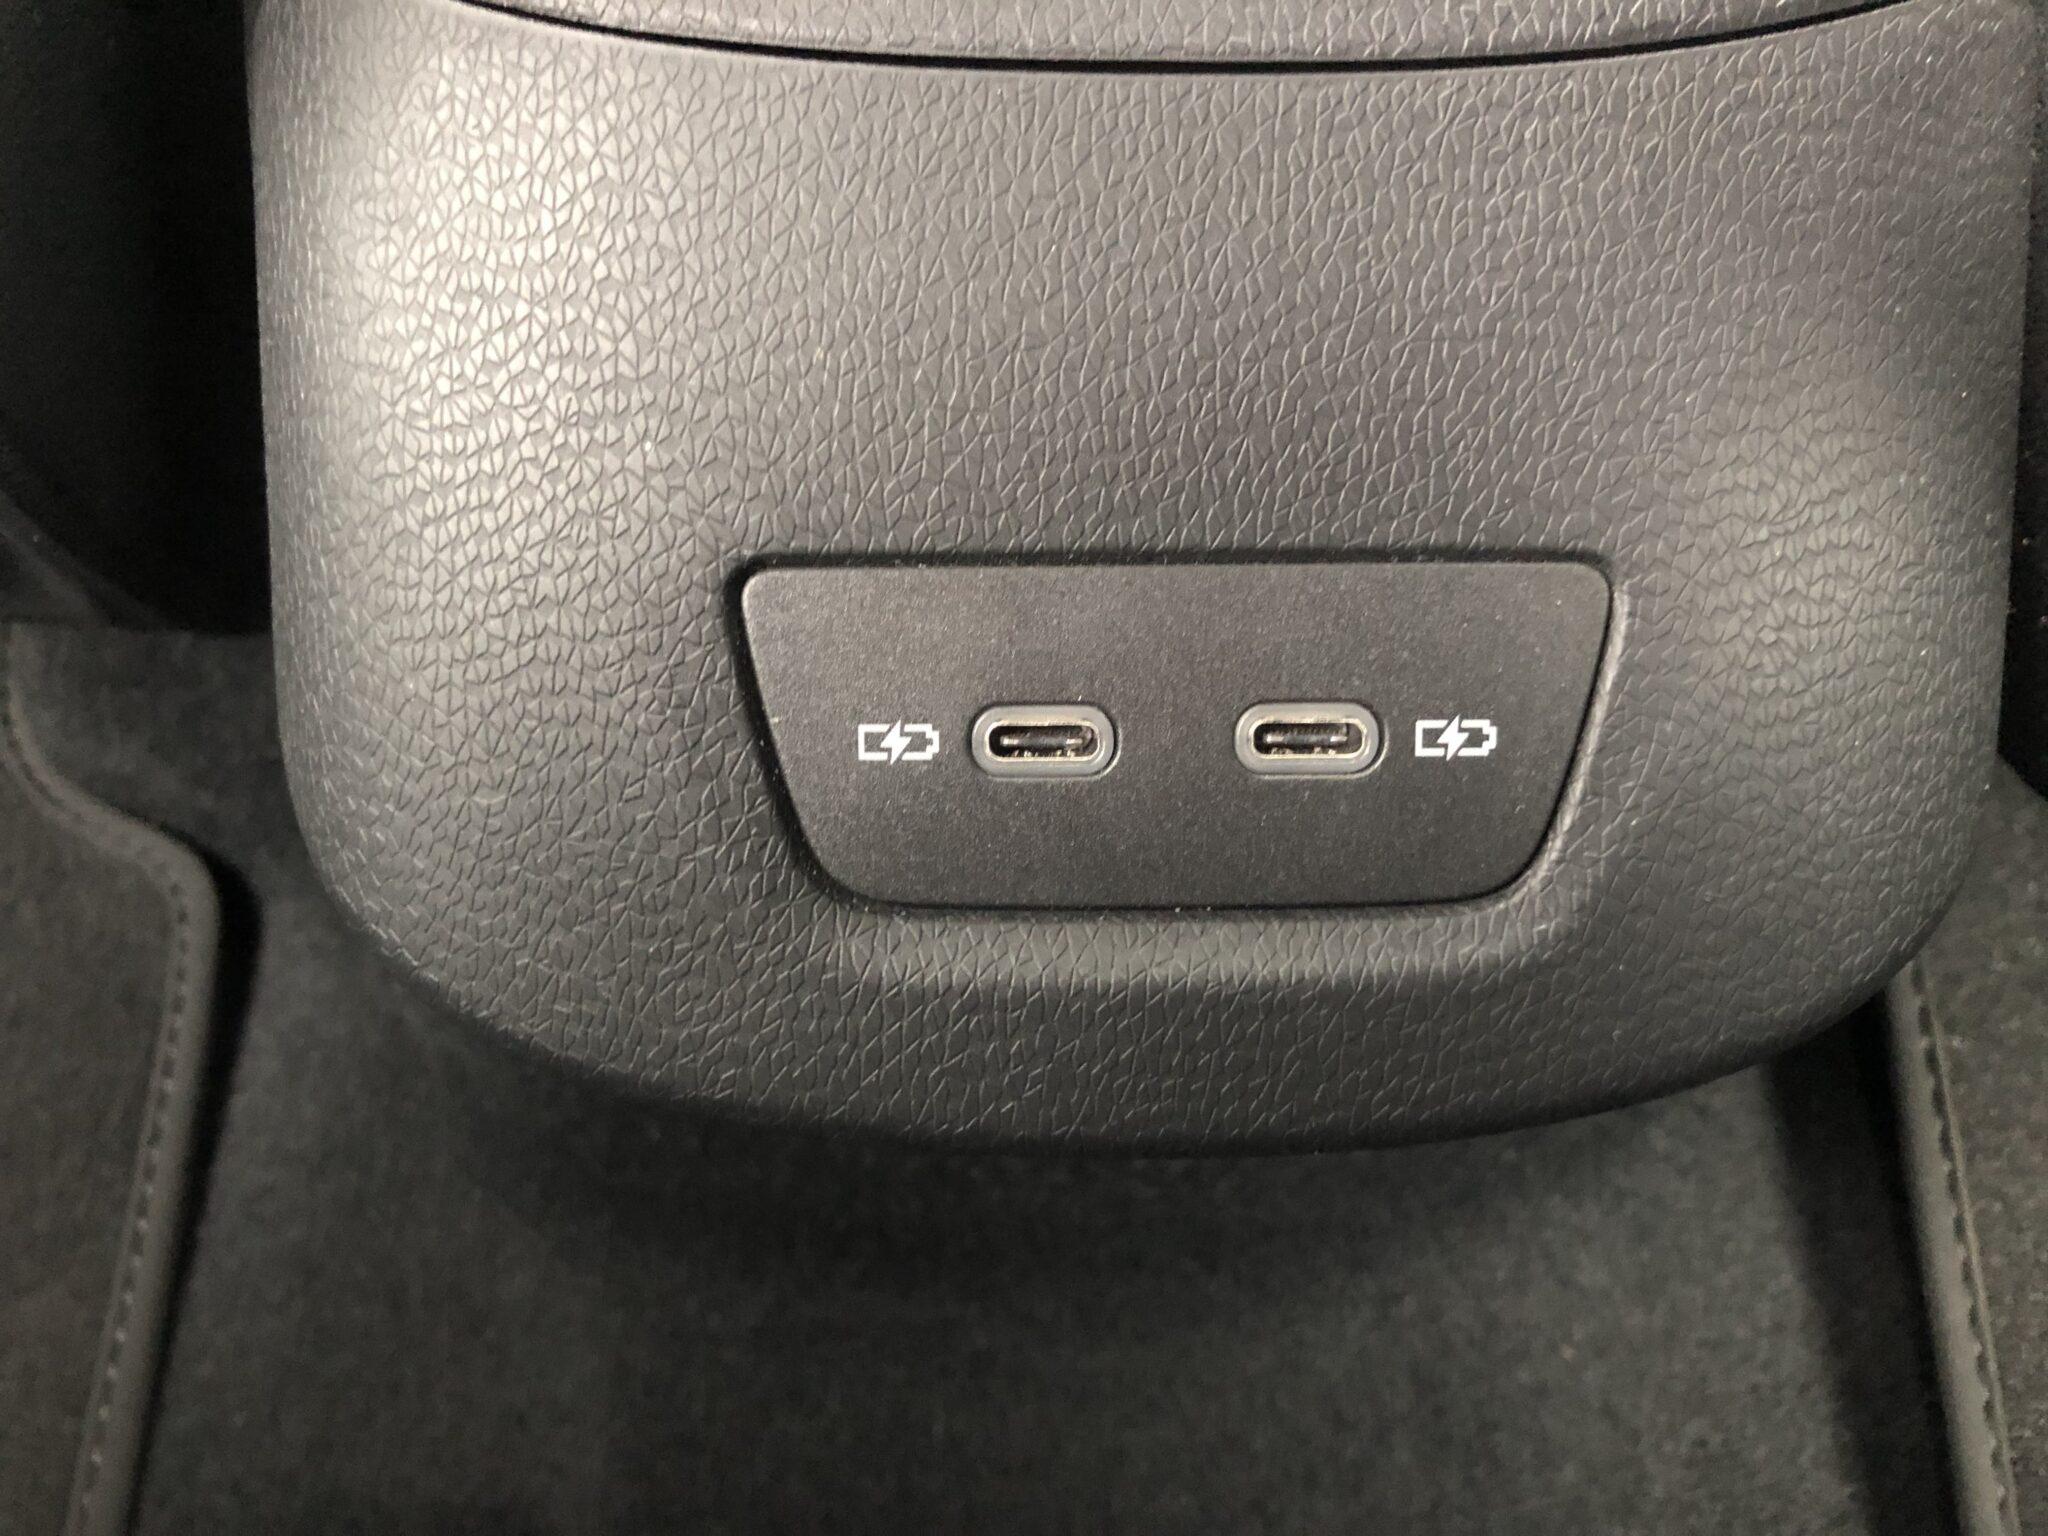 EMC Probefahrt des VW ID.3 » EMC VW ID.3 Probefahrt 11 min scaled